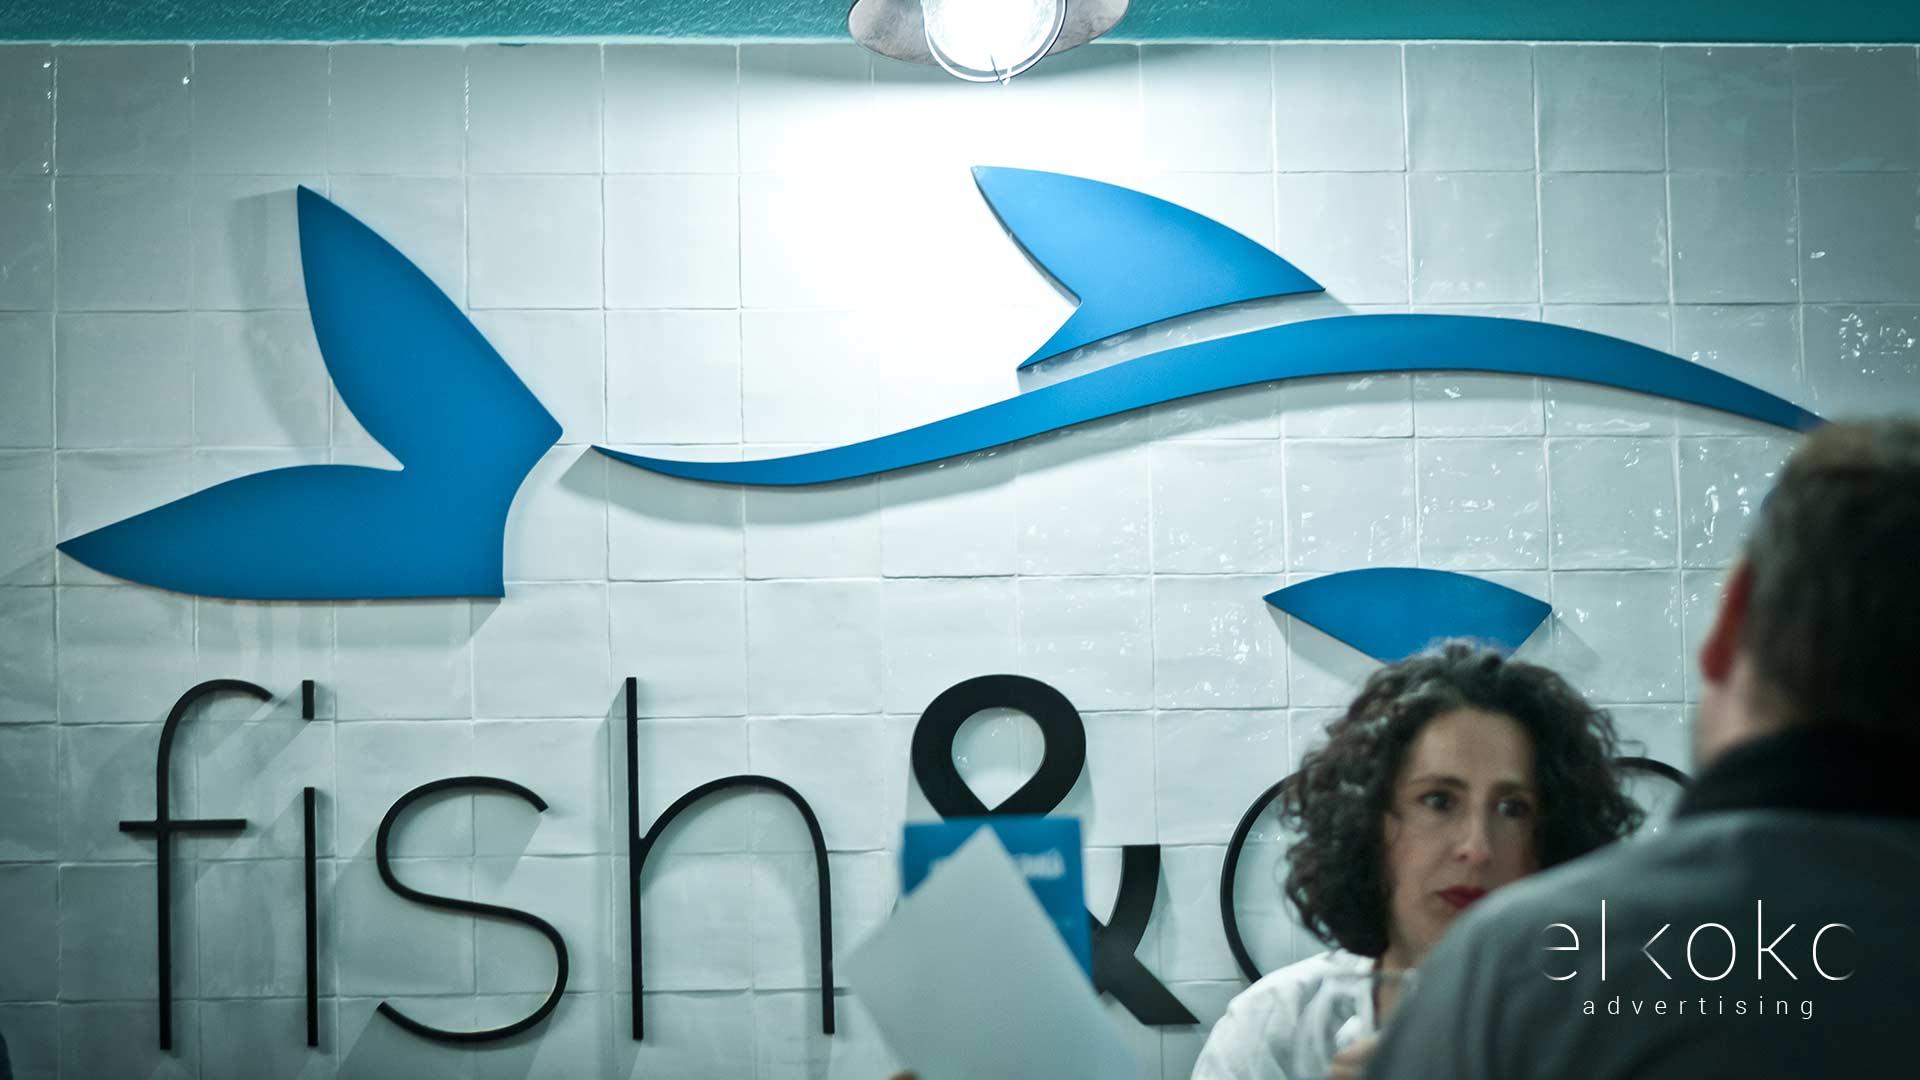 Diseño de cartelería para restaurantes. Mejores agencias de publicidad en Málaga.